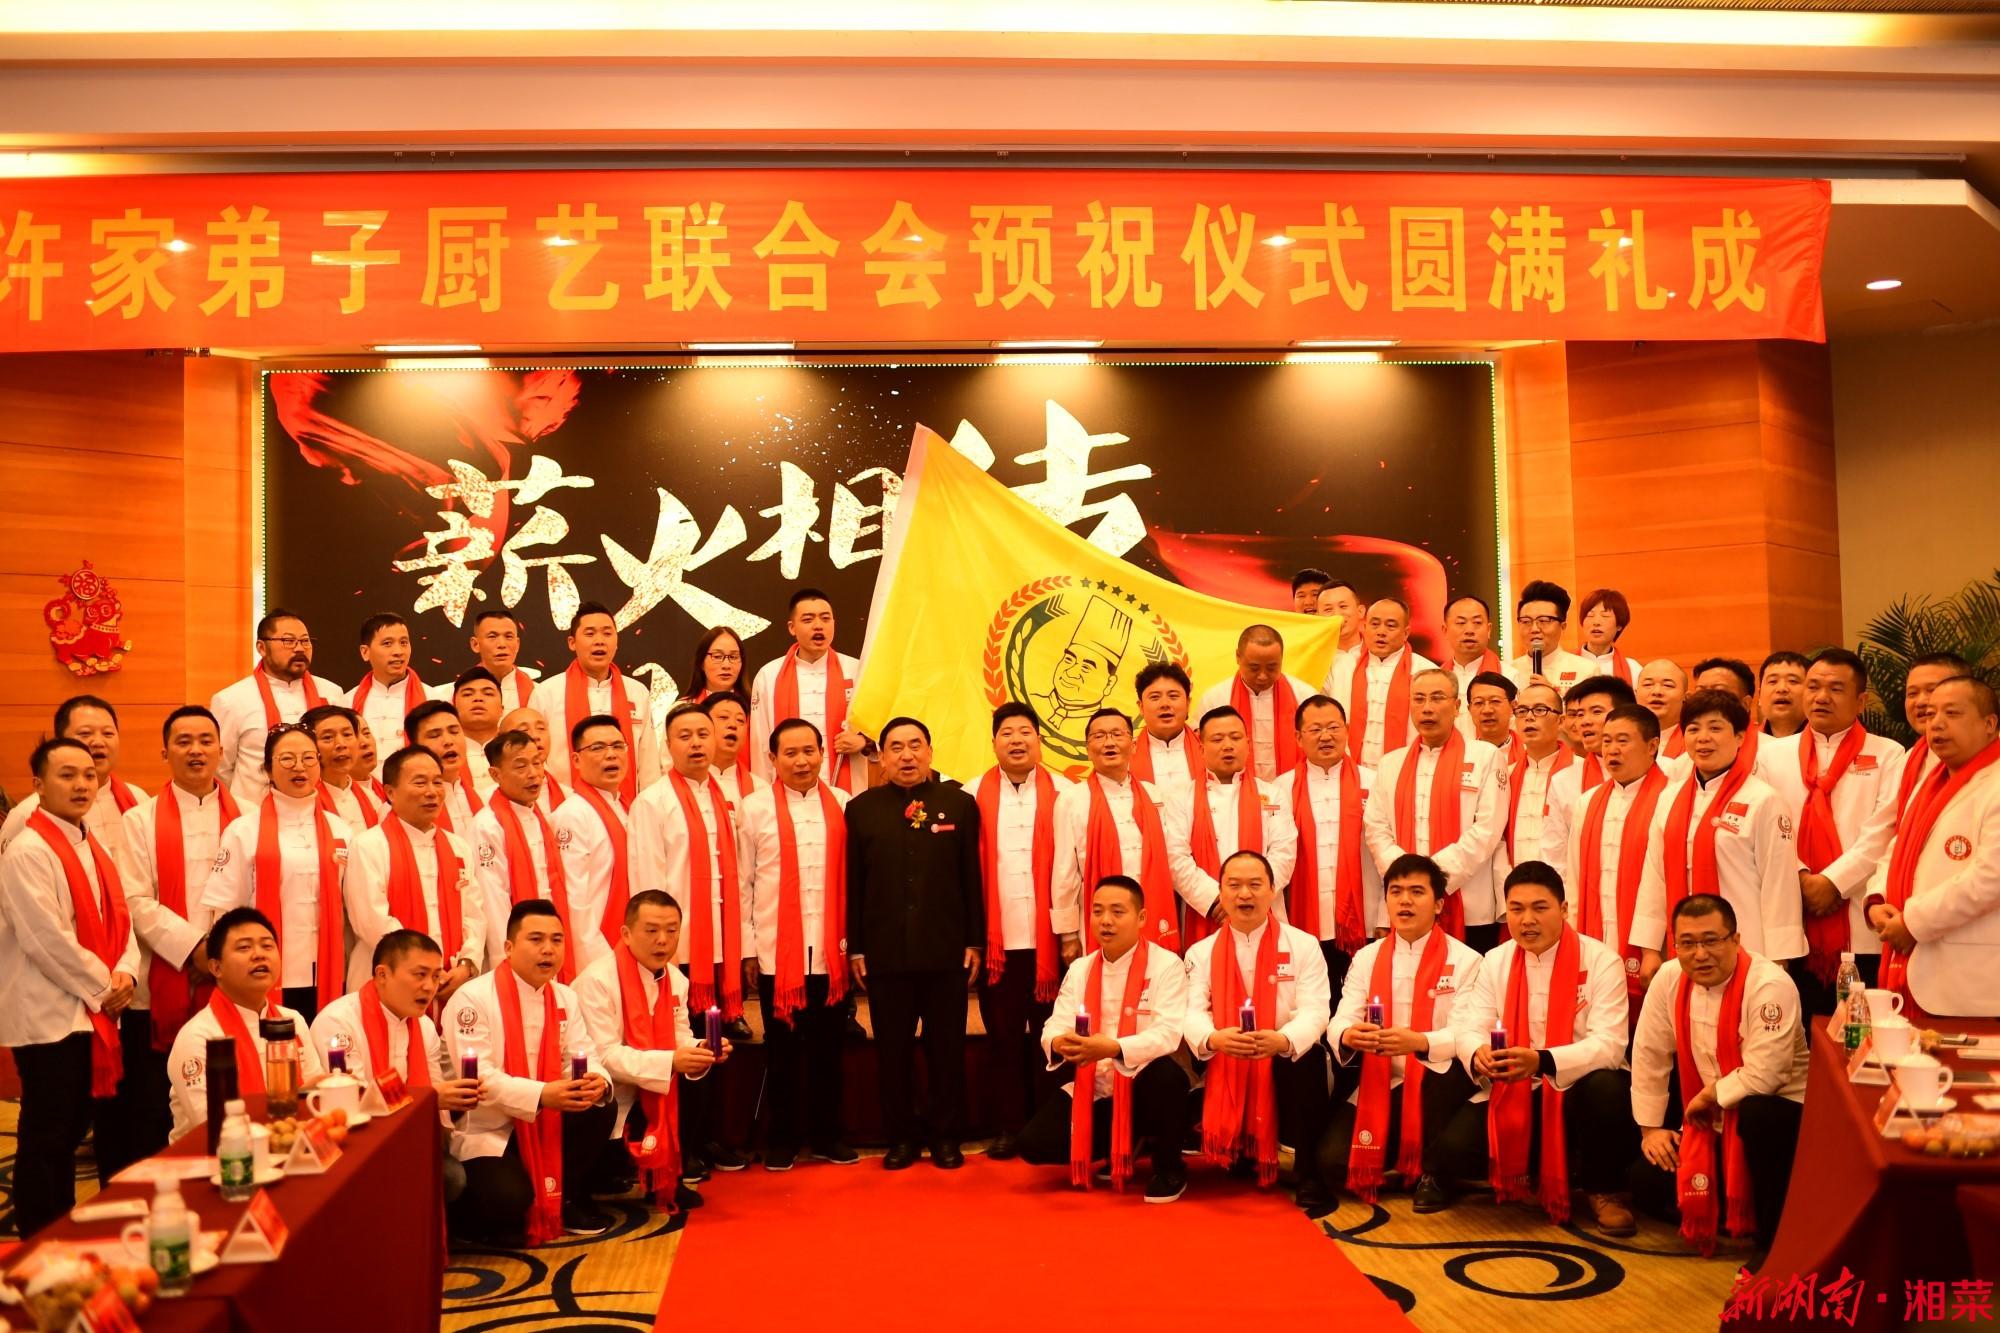 http://www.weixinrensheng.com/meishi/1981245.html